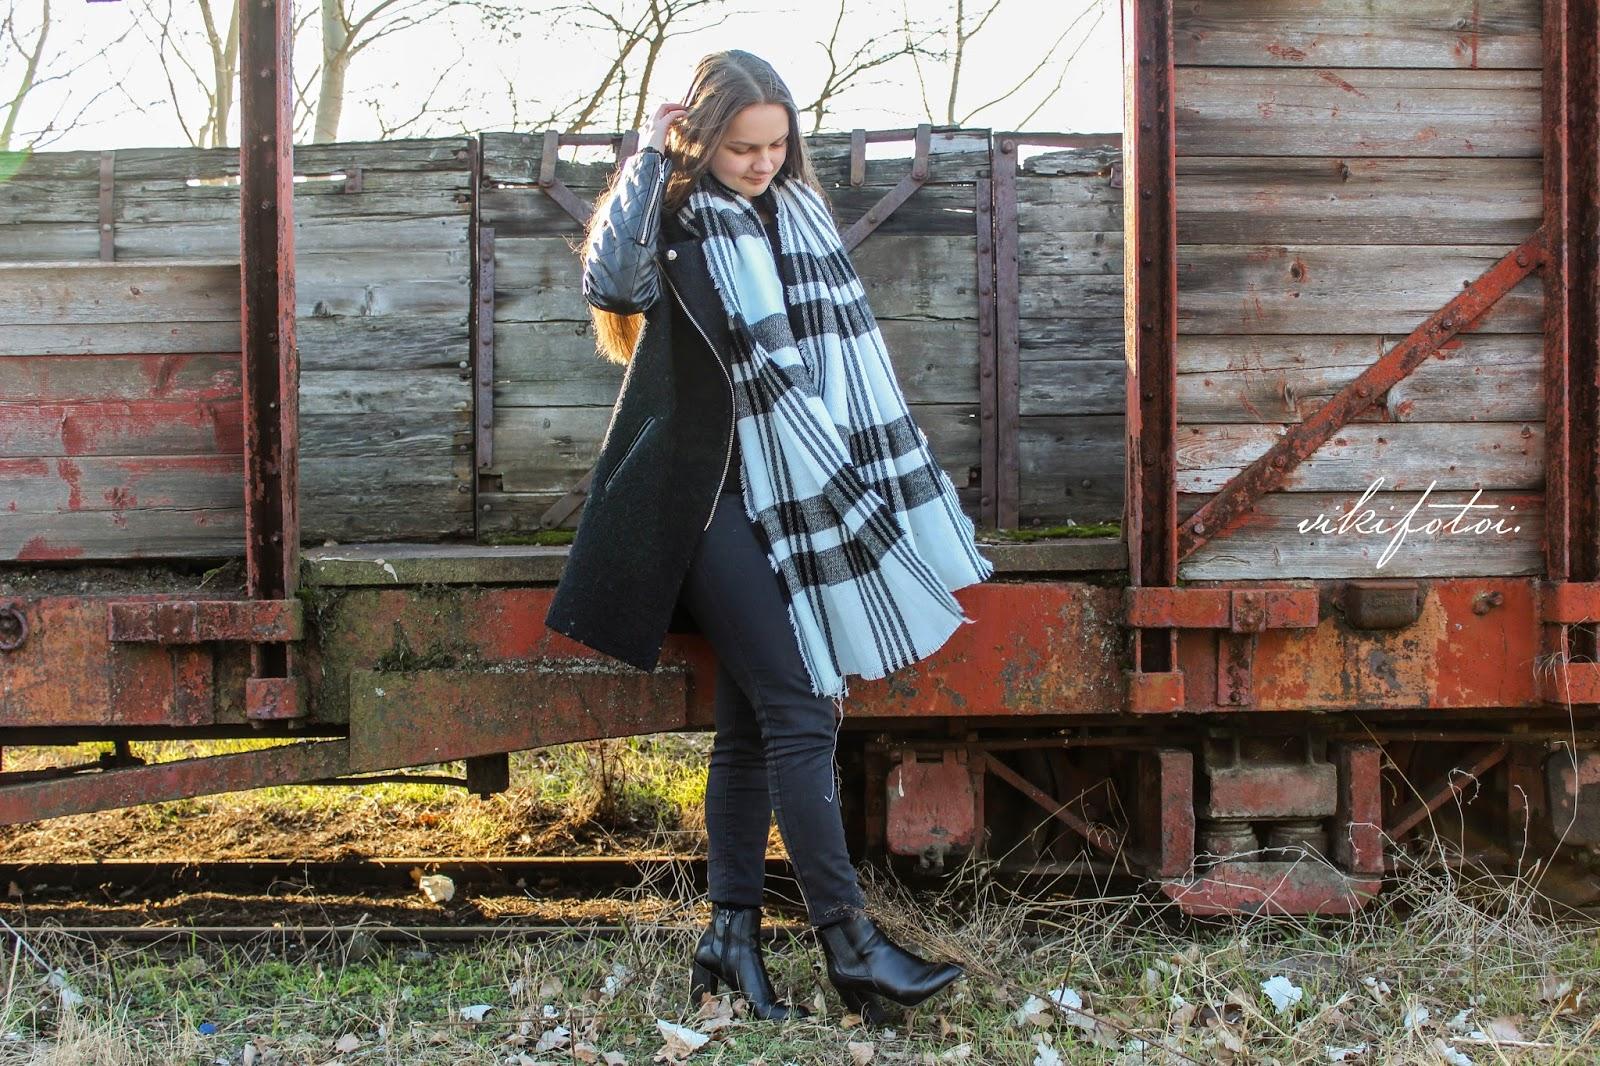 26e5d20a1c Coat: Romwe / Scarf: Zaful / Yeans: Zara Photos: Kóbor Viktória